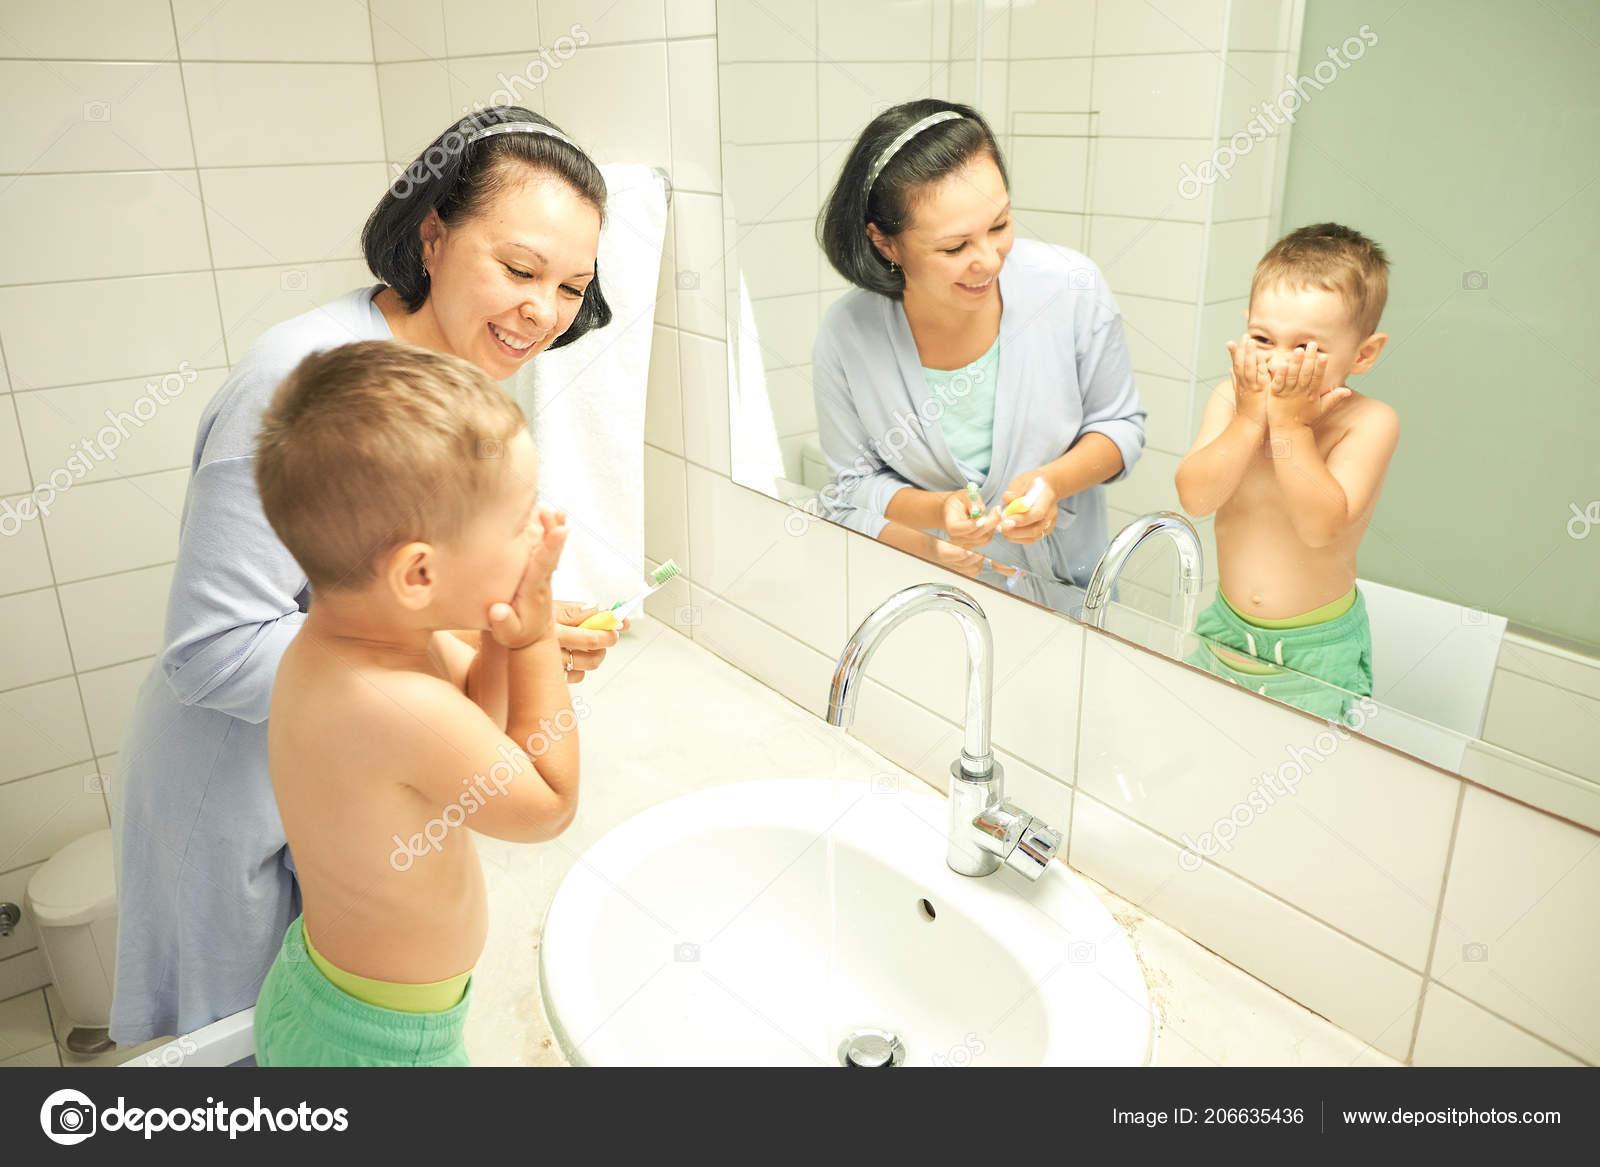 Трахает сын маму в ванной фото, в ванной с мамой - порно фото поиск 34 фотография